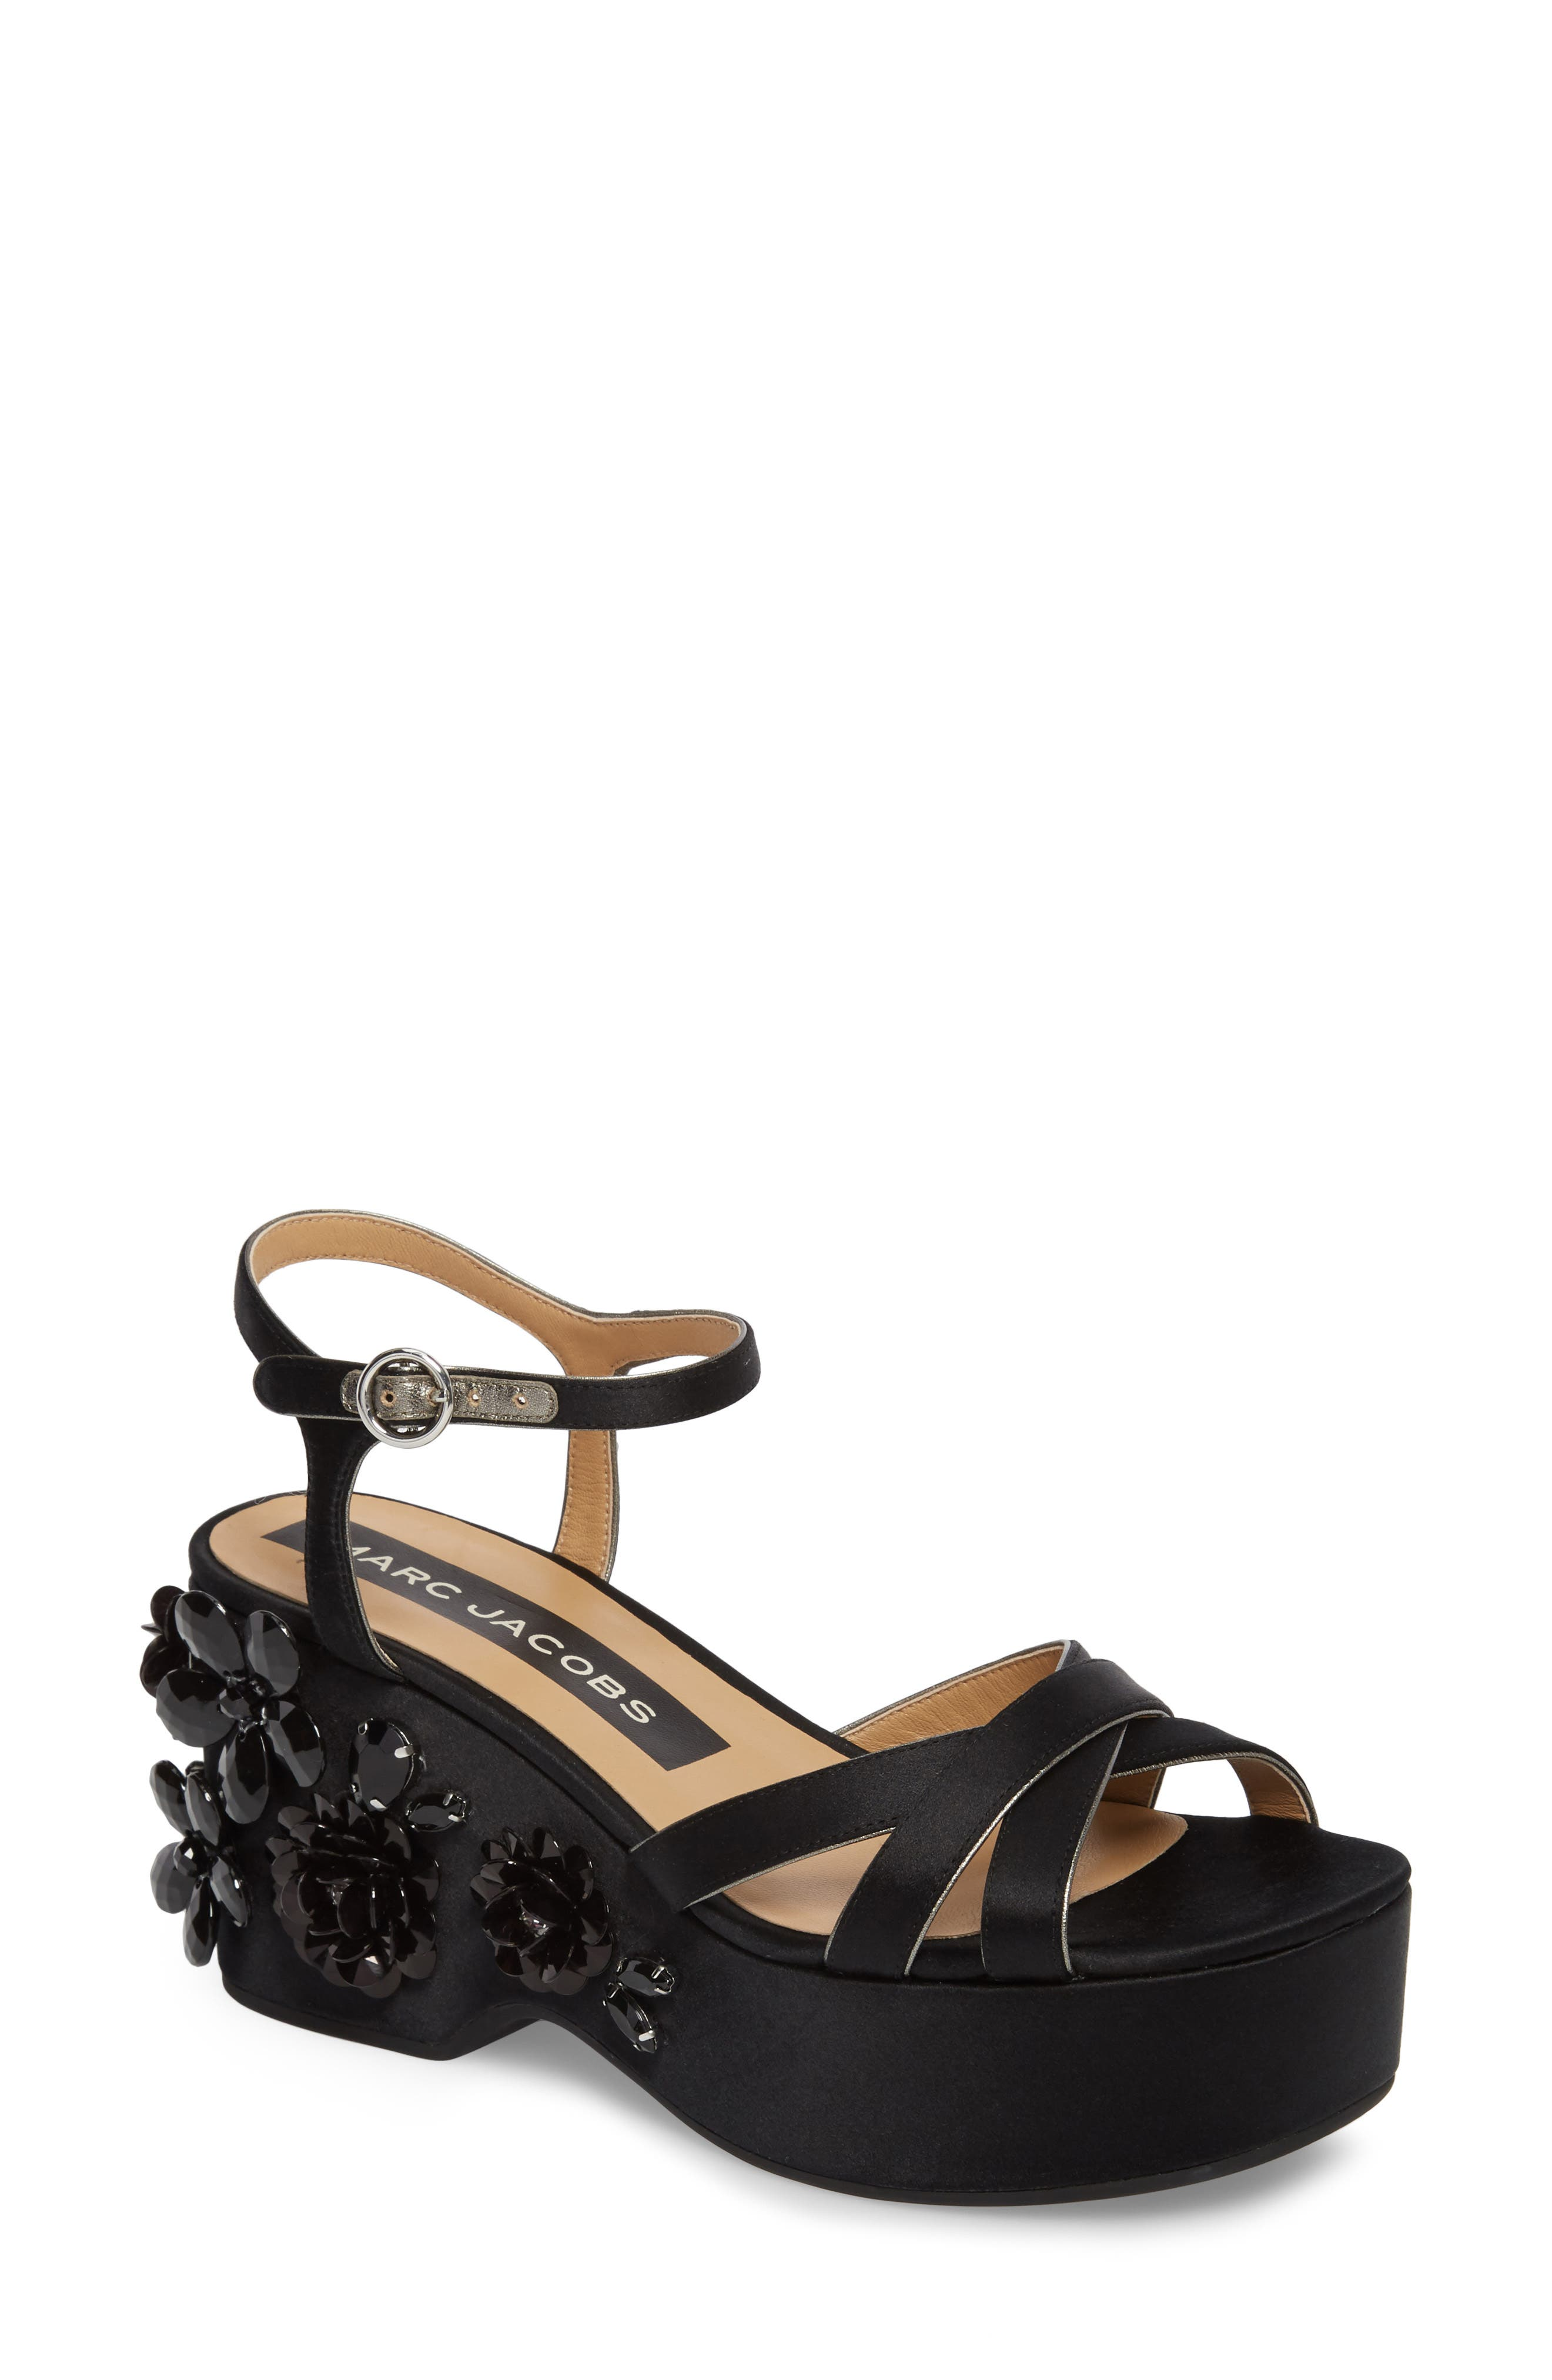 Callie Embellished Platform Sandal,                         Main,                         color, Black